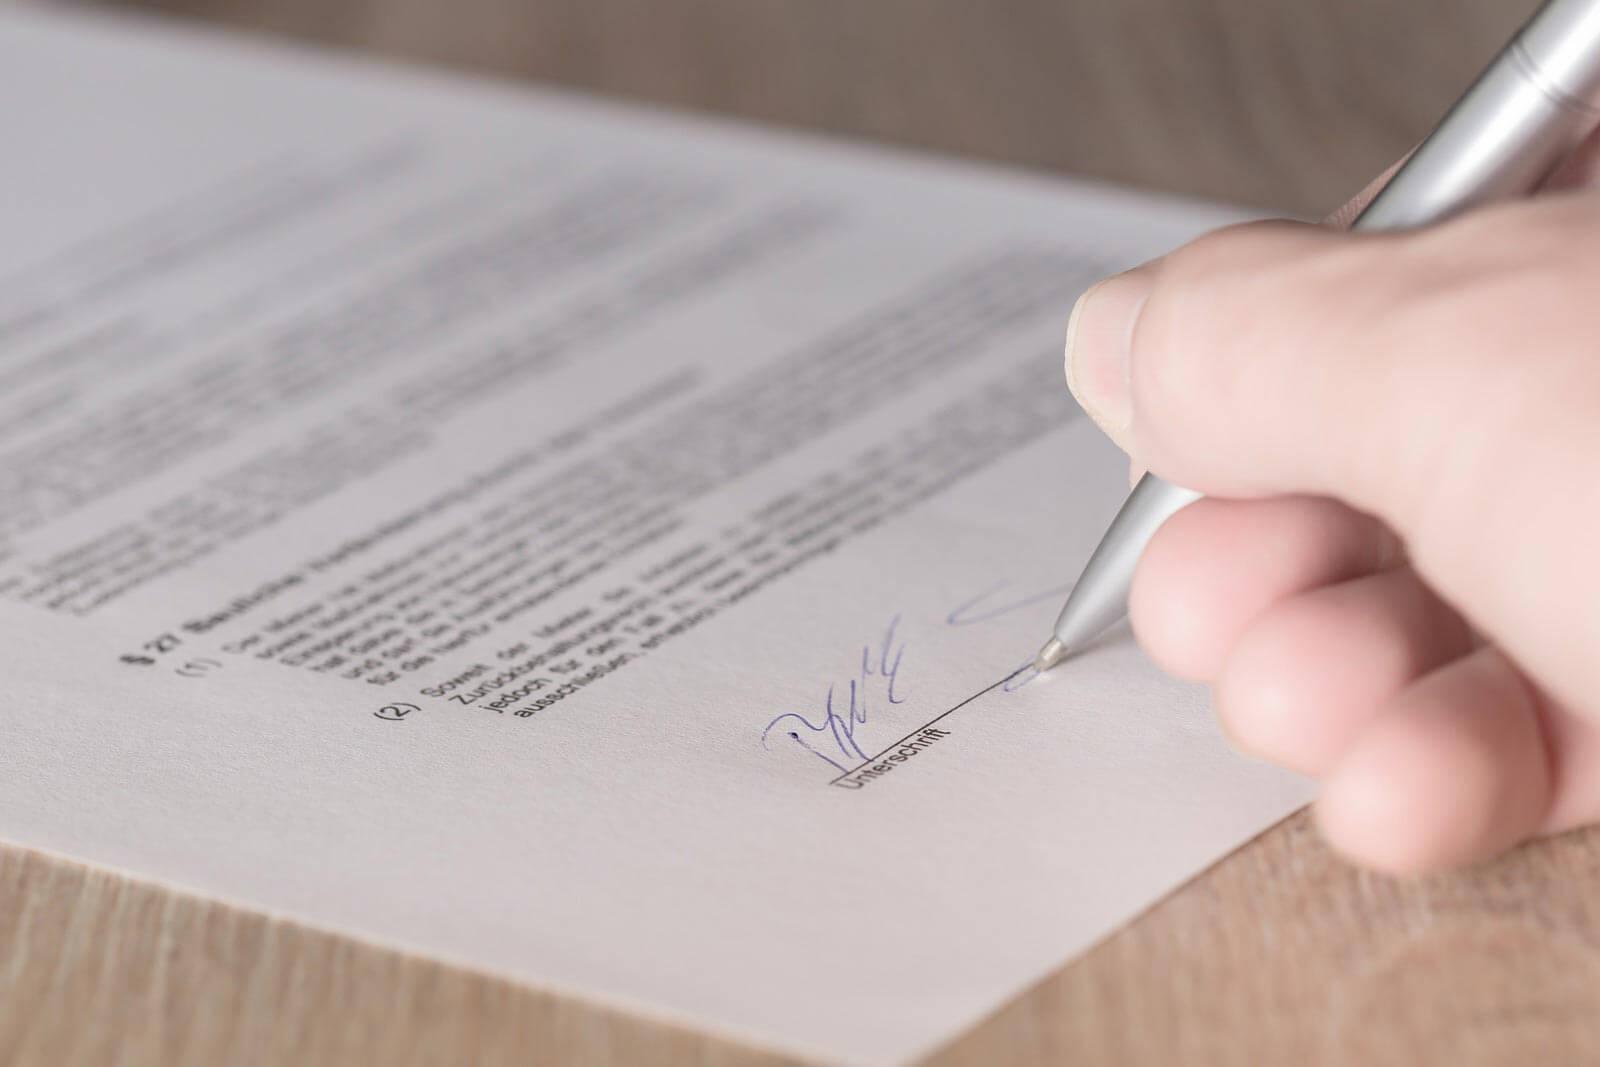 Autotutela notarial